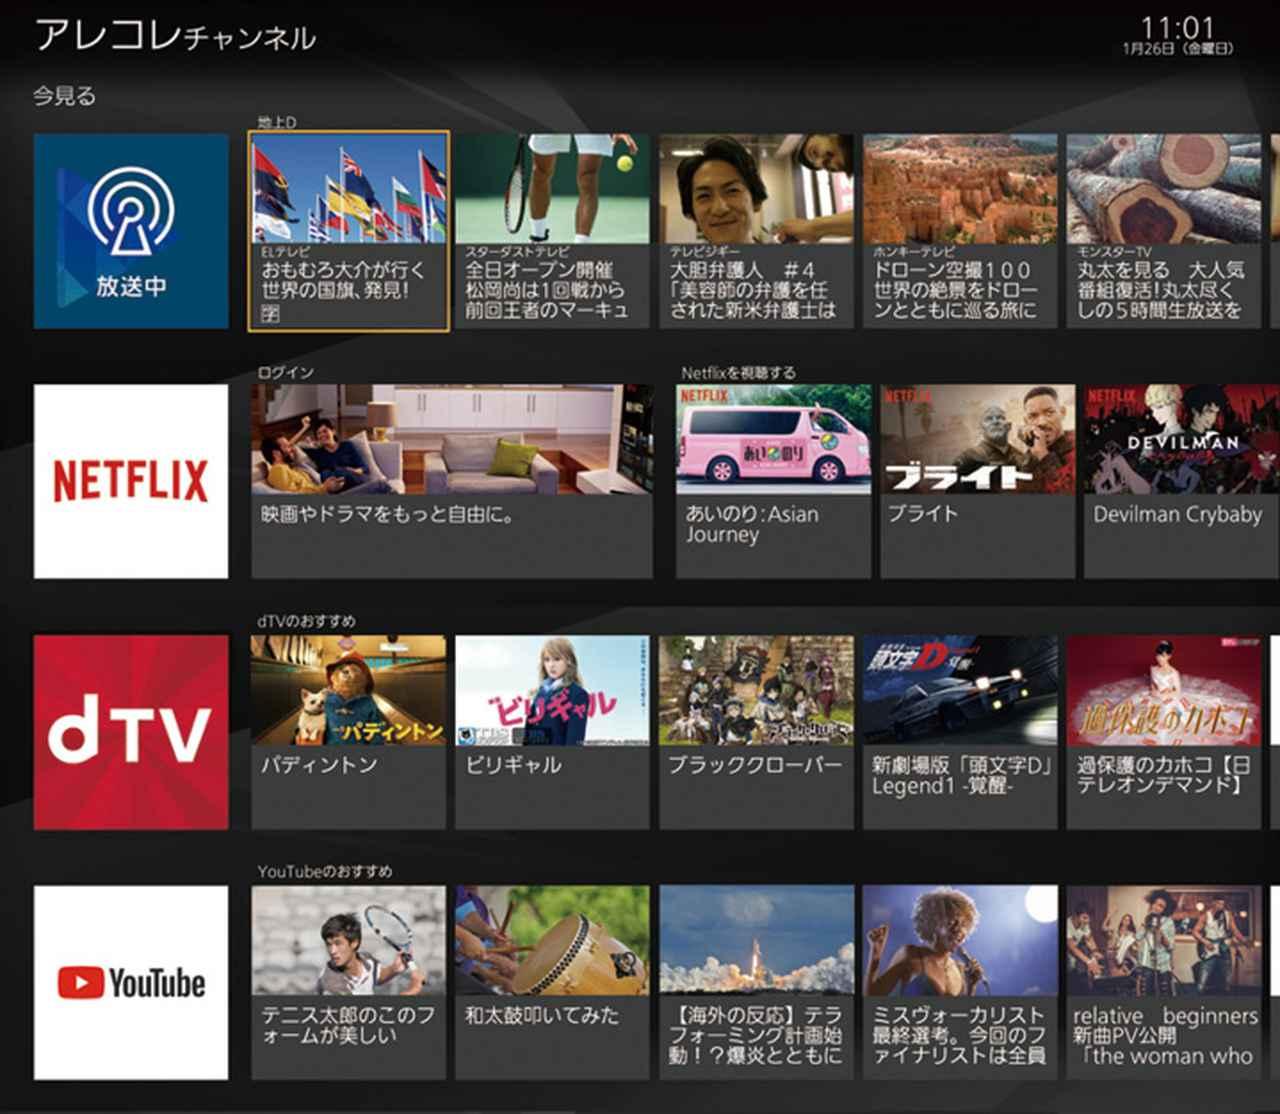 画像: 放送番組から録画番組、ネット動画まで一覧表示し、見たい番組を探し出せるアレコレチャンネルが便利。